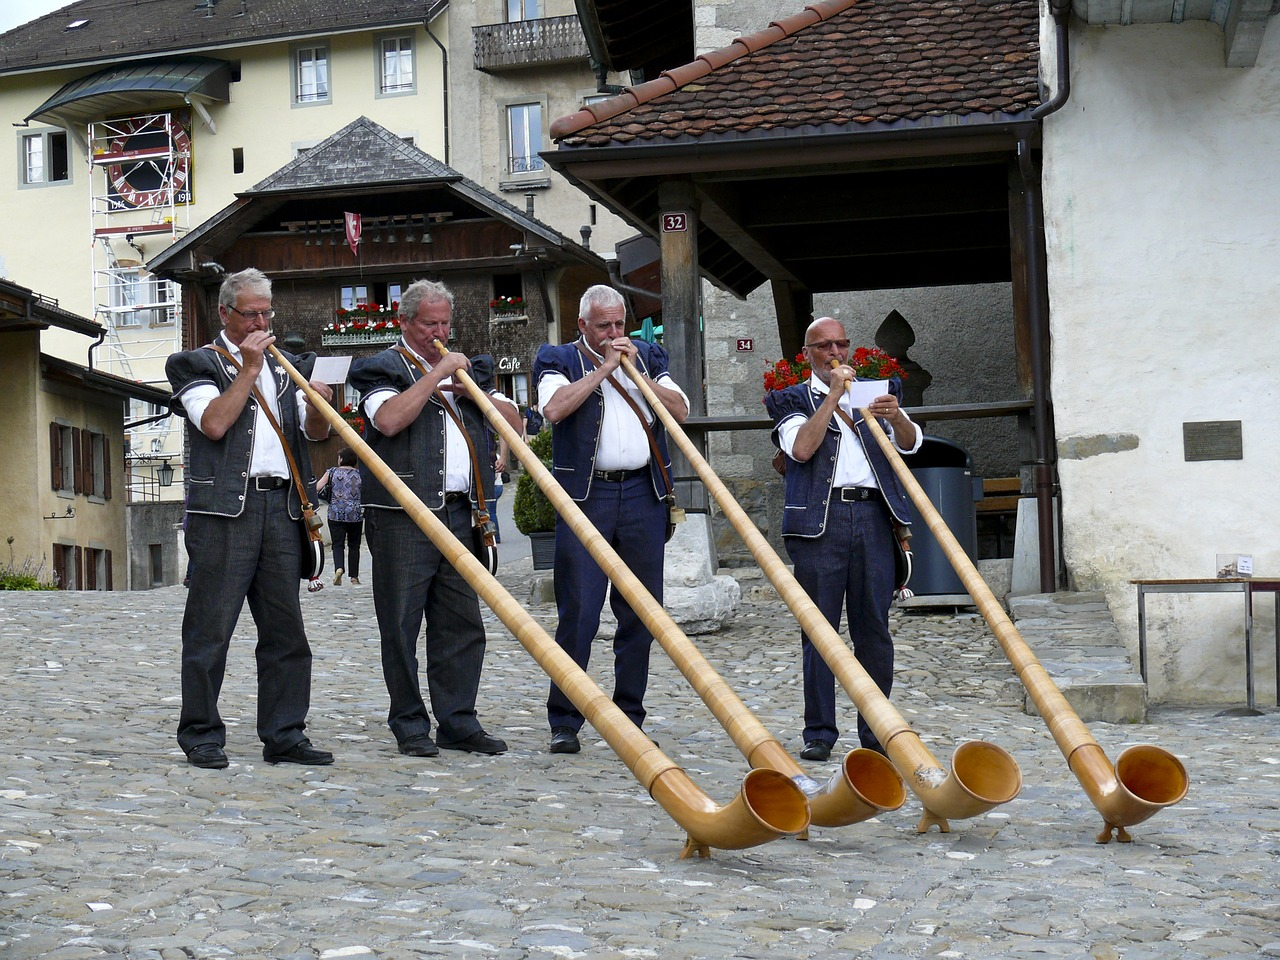 Tradicionalni muzički instrument slika skinuta sa interneta